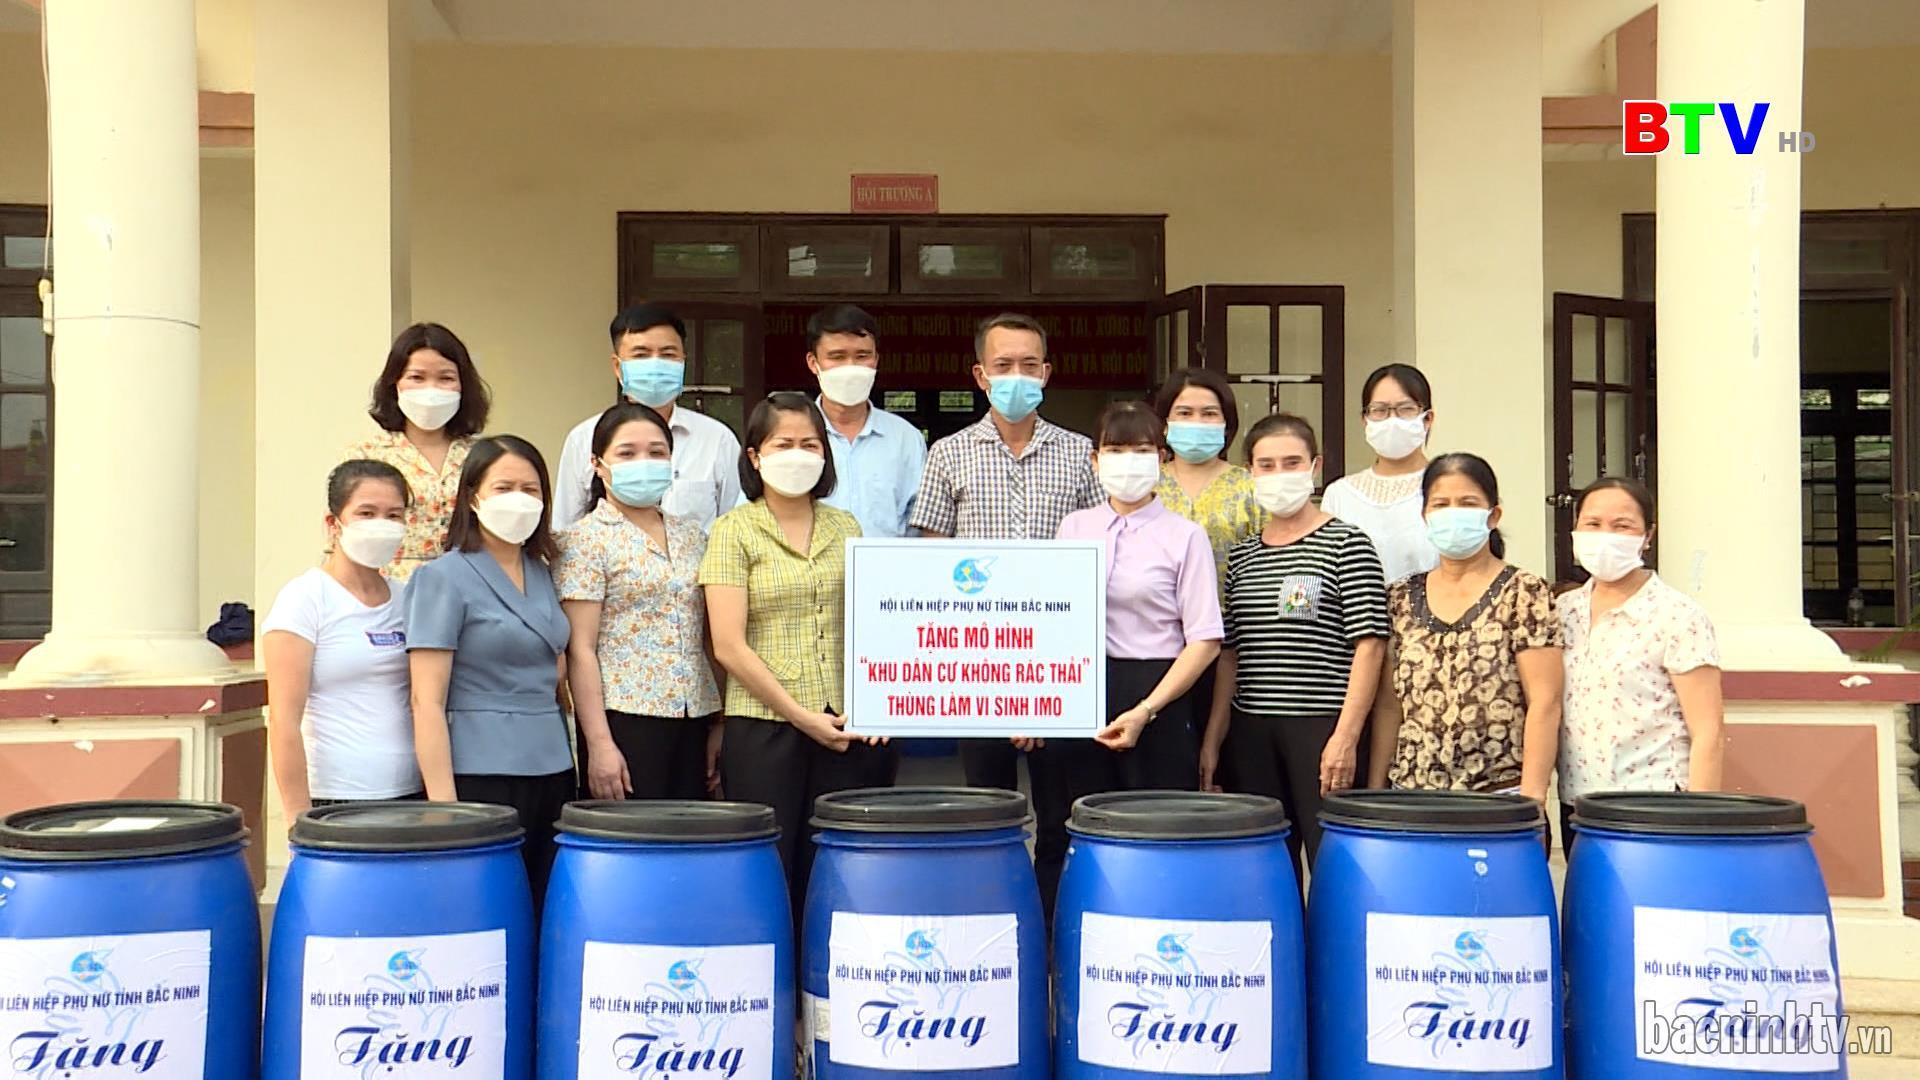 """Hội Liên hiệp Phụ nữ tỉnh hỗ trợ 8 mô hình """"Khu dân cư không rác thải"""""""